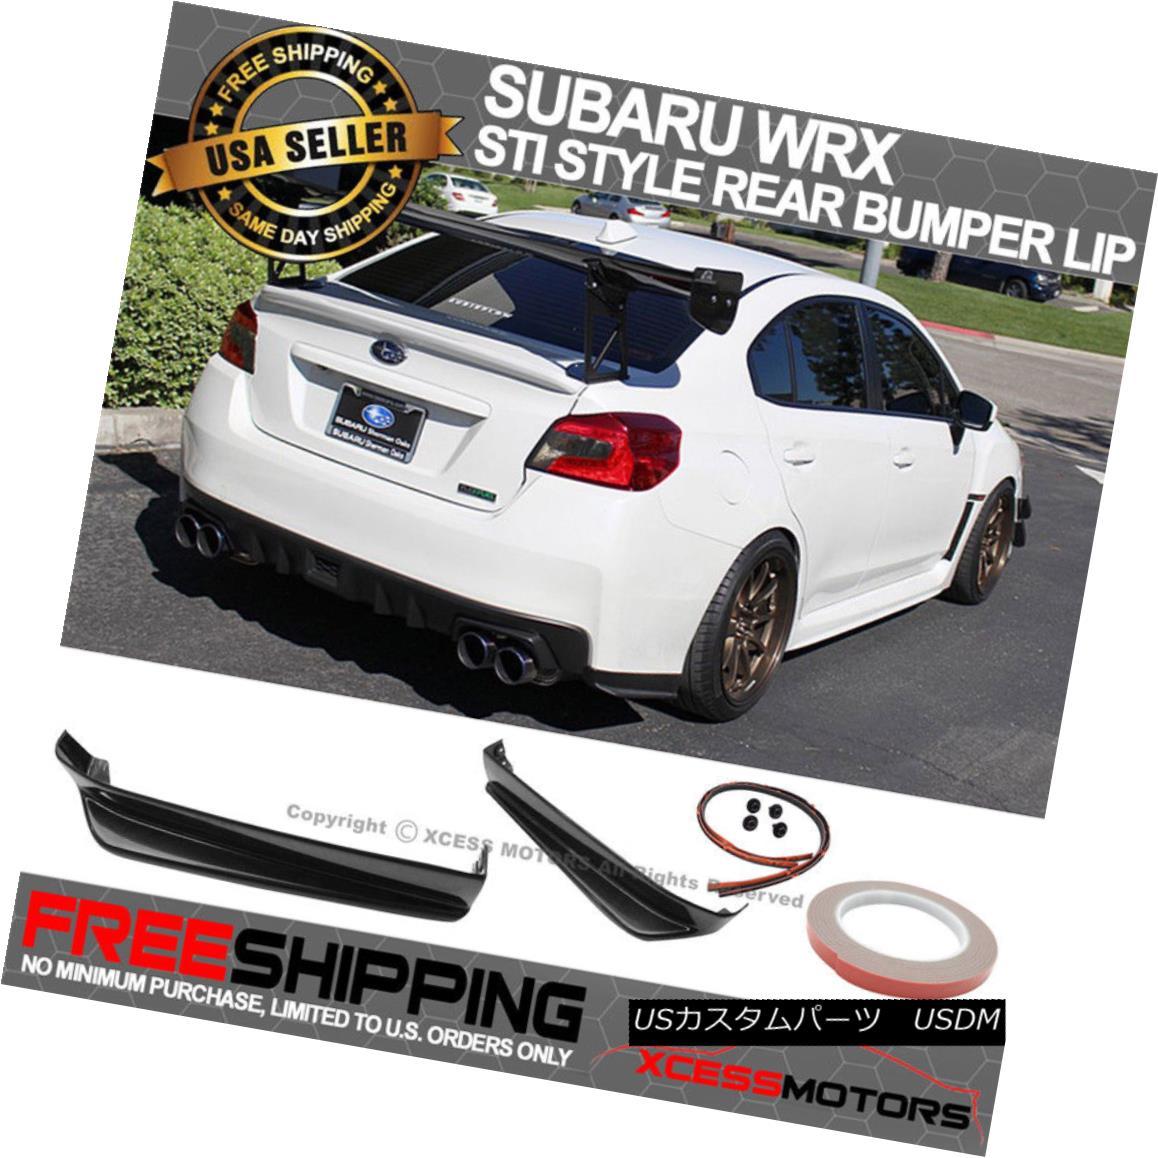 エアロパーツ For 15-18 Subaru Impreza WRX STI Rear Bumper Lip 2PC Black Aprons Spats Splitter 15-18スバルインプレッサWRX STIリアバンパーリップ2PCブラックエプロンスパッツスプリッタ